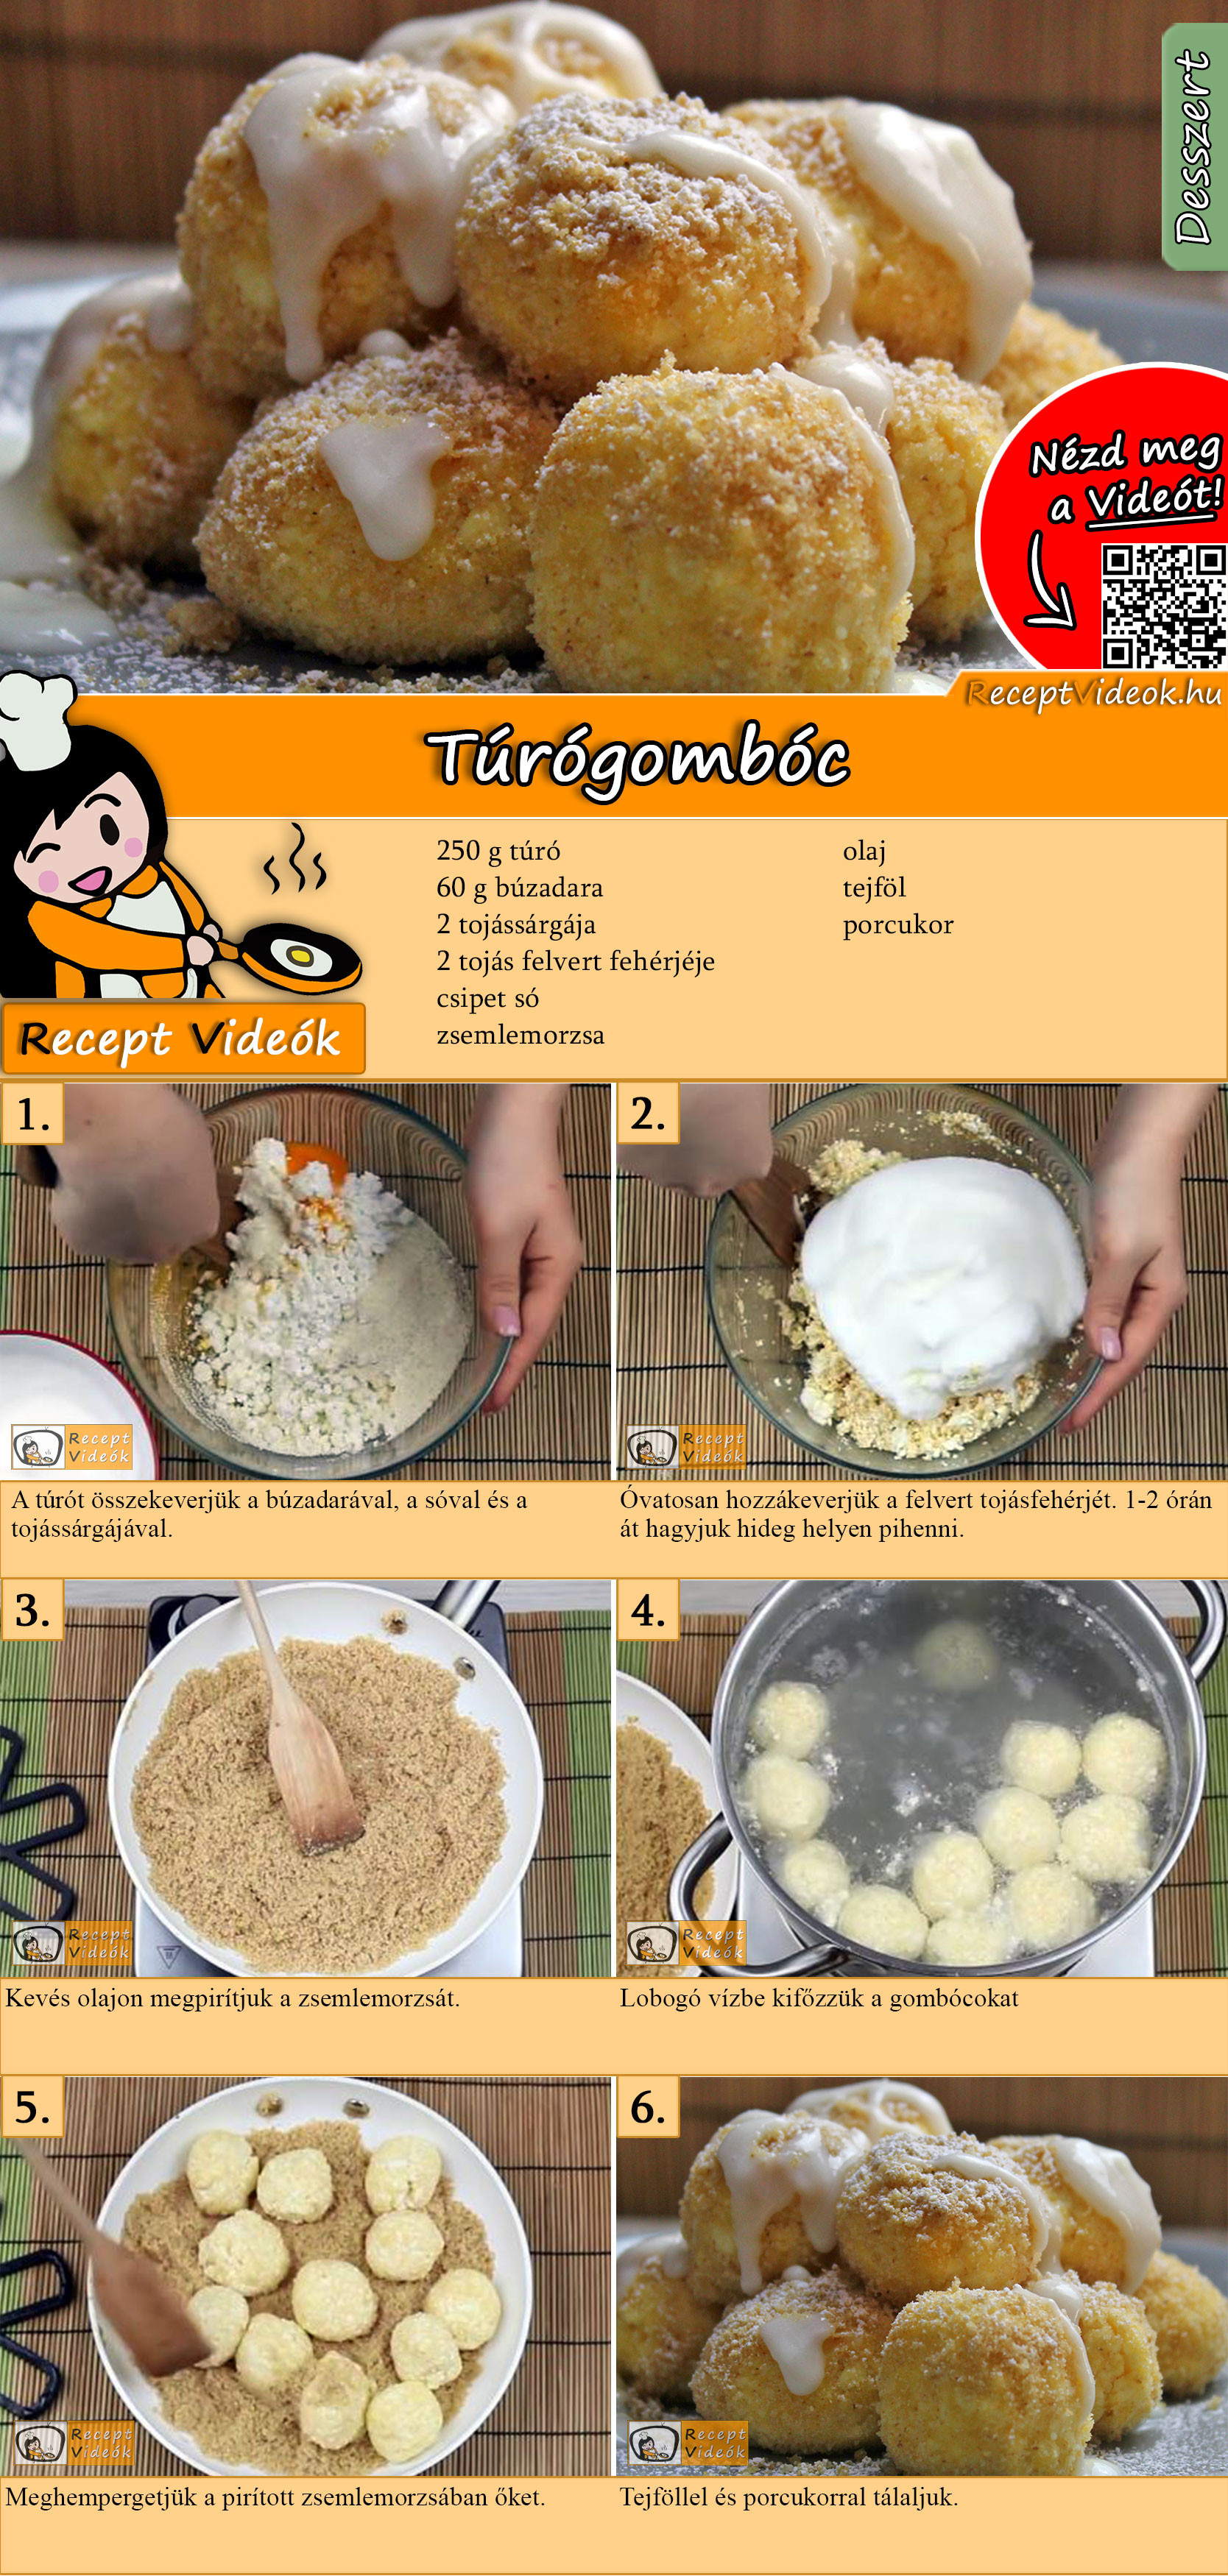 Túrógombóc recept elkészítése videóval